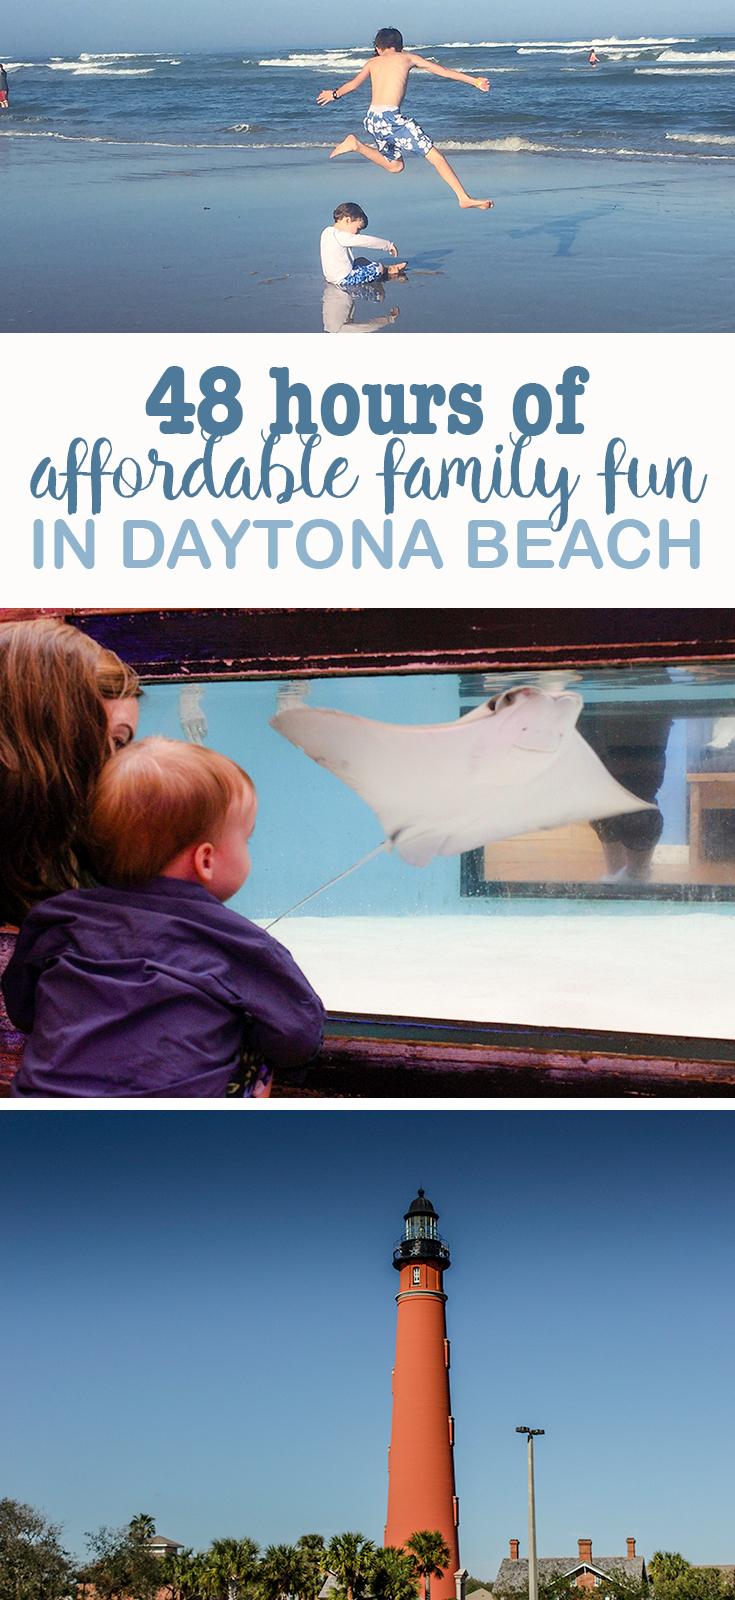 Daytona Beach Family Vacation- 48 hours of affordable family fun in Daytona Beach